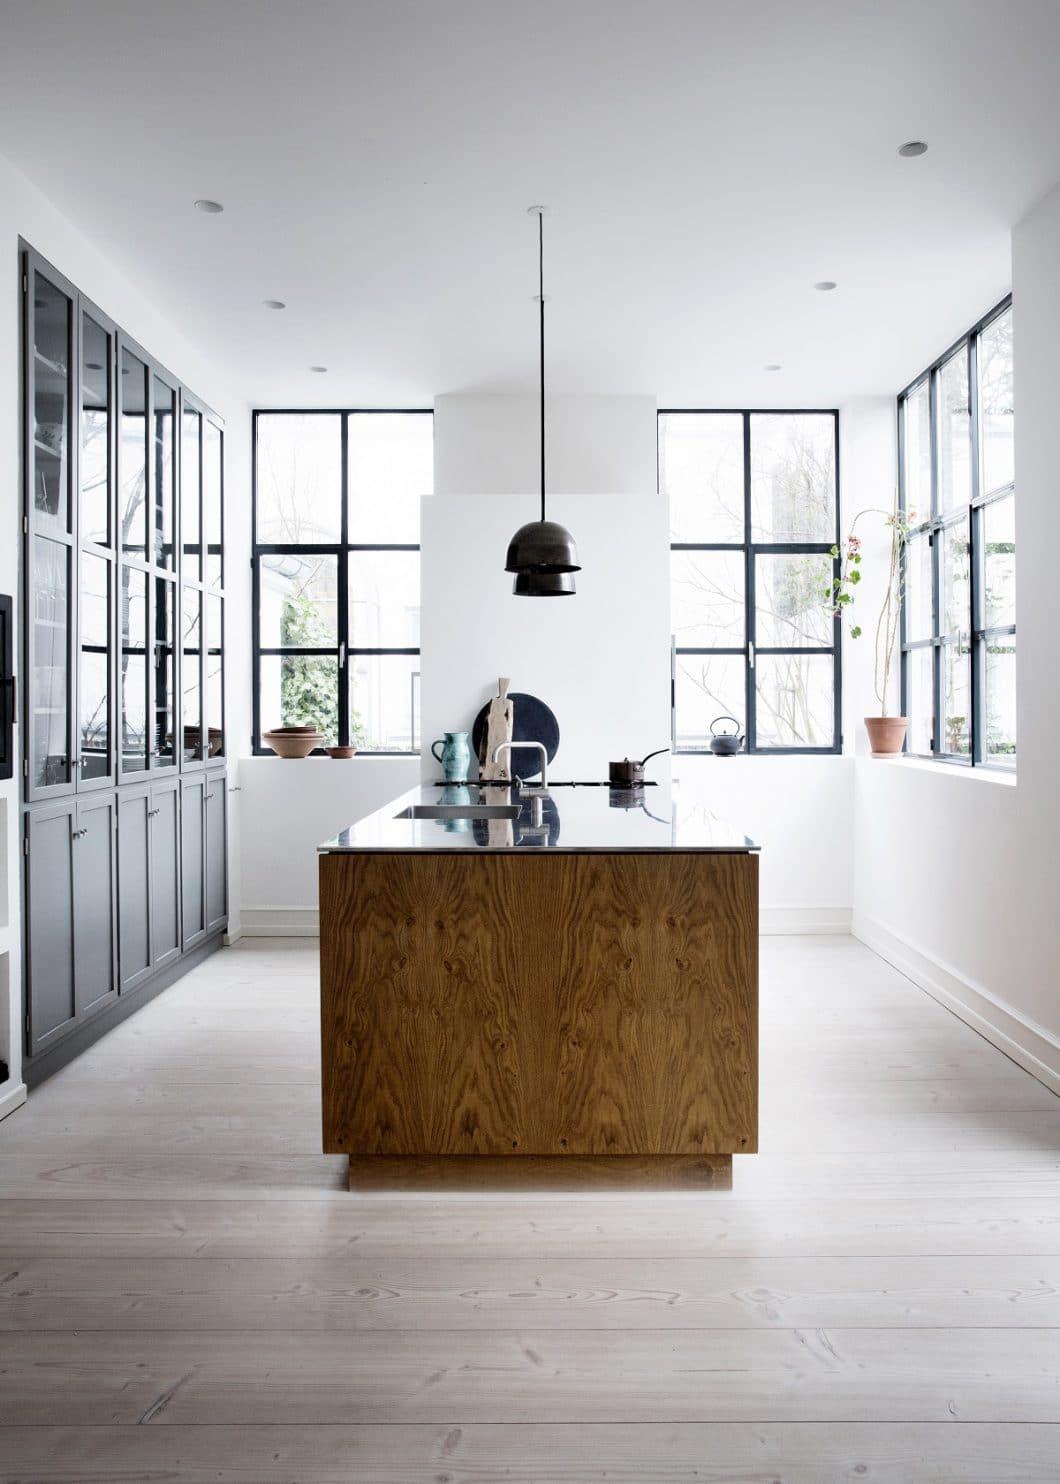 Warmes Holz, eine dünne Granitarbeitsplatte und eine blaugraue Mattlackfront definieren diese dänische Küche im skandinavisch-zurückhaltenden Stil. (Foto: Line Thit Klein)